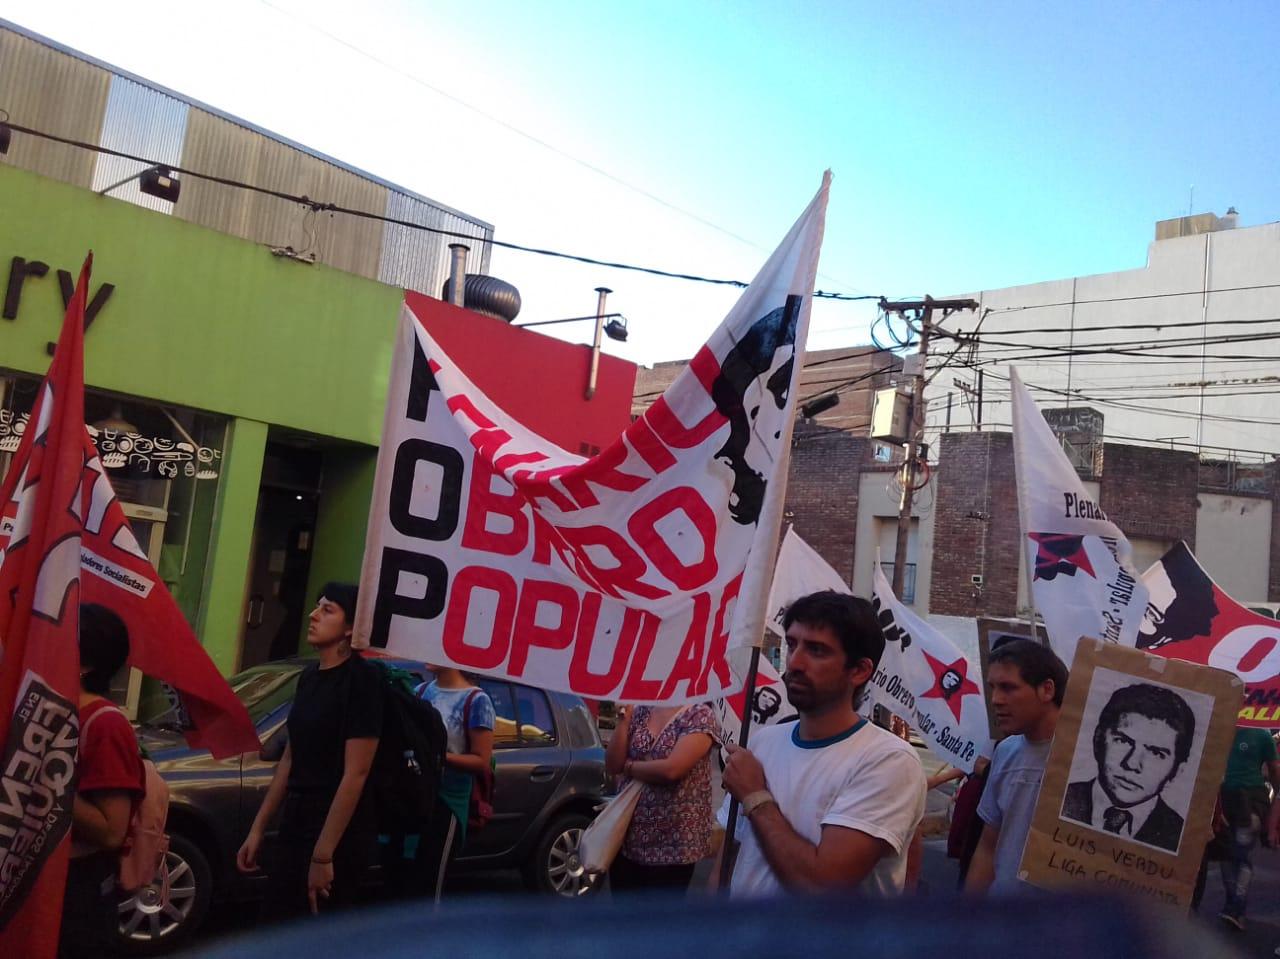 http://obreroypopular.org/home/imagenes/24_03_2019/marcha24.jpg